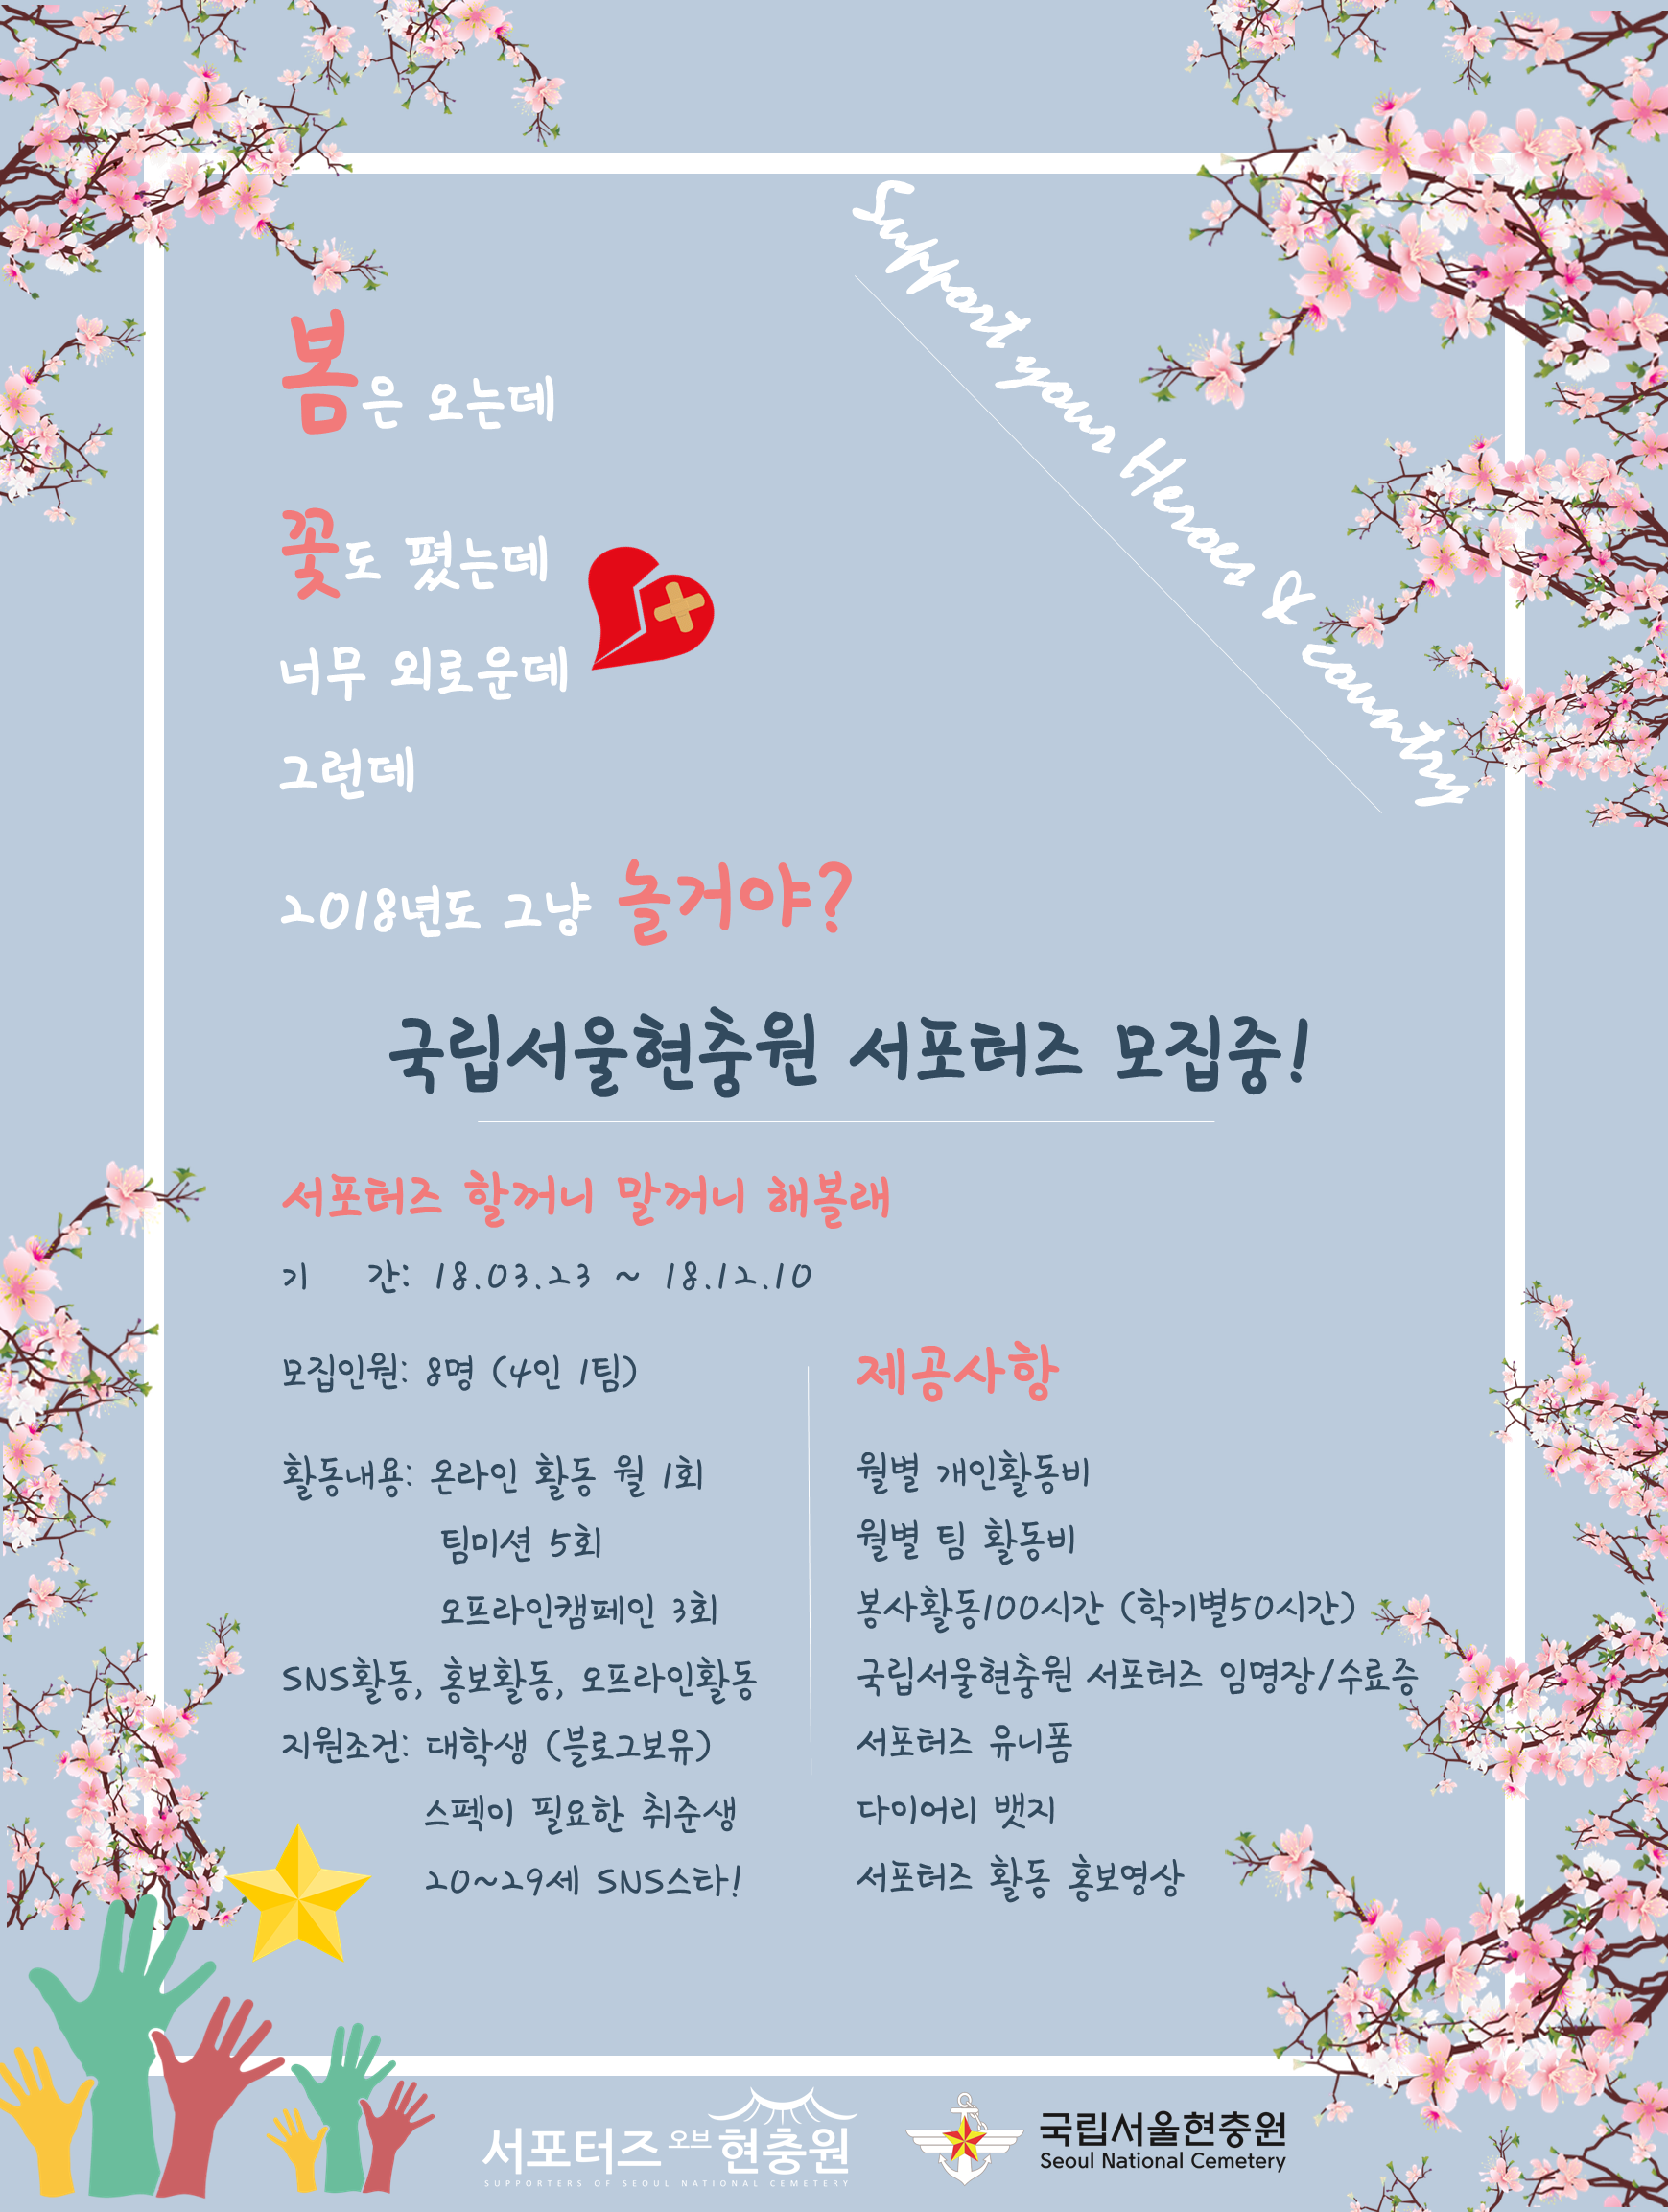 [서울국립현충원] 현충원서포터즈 2018